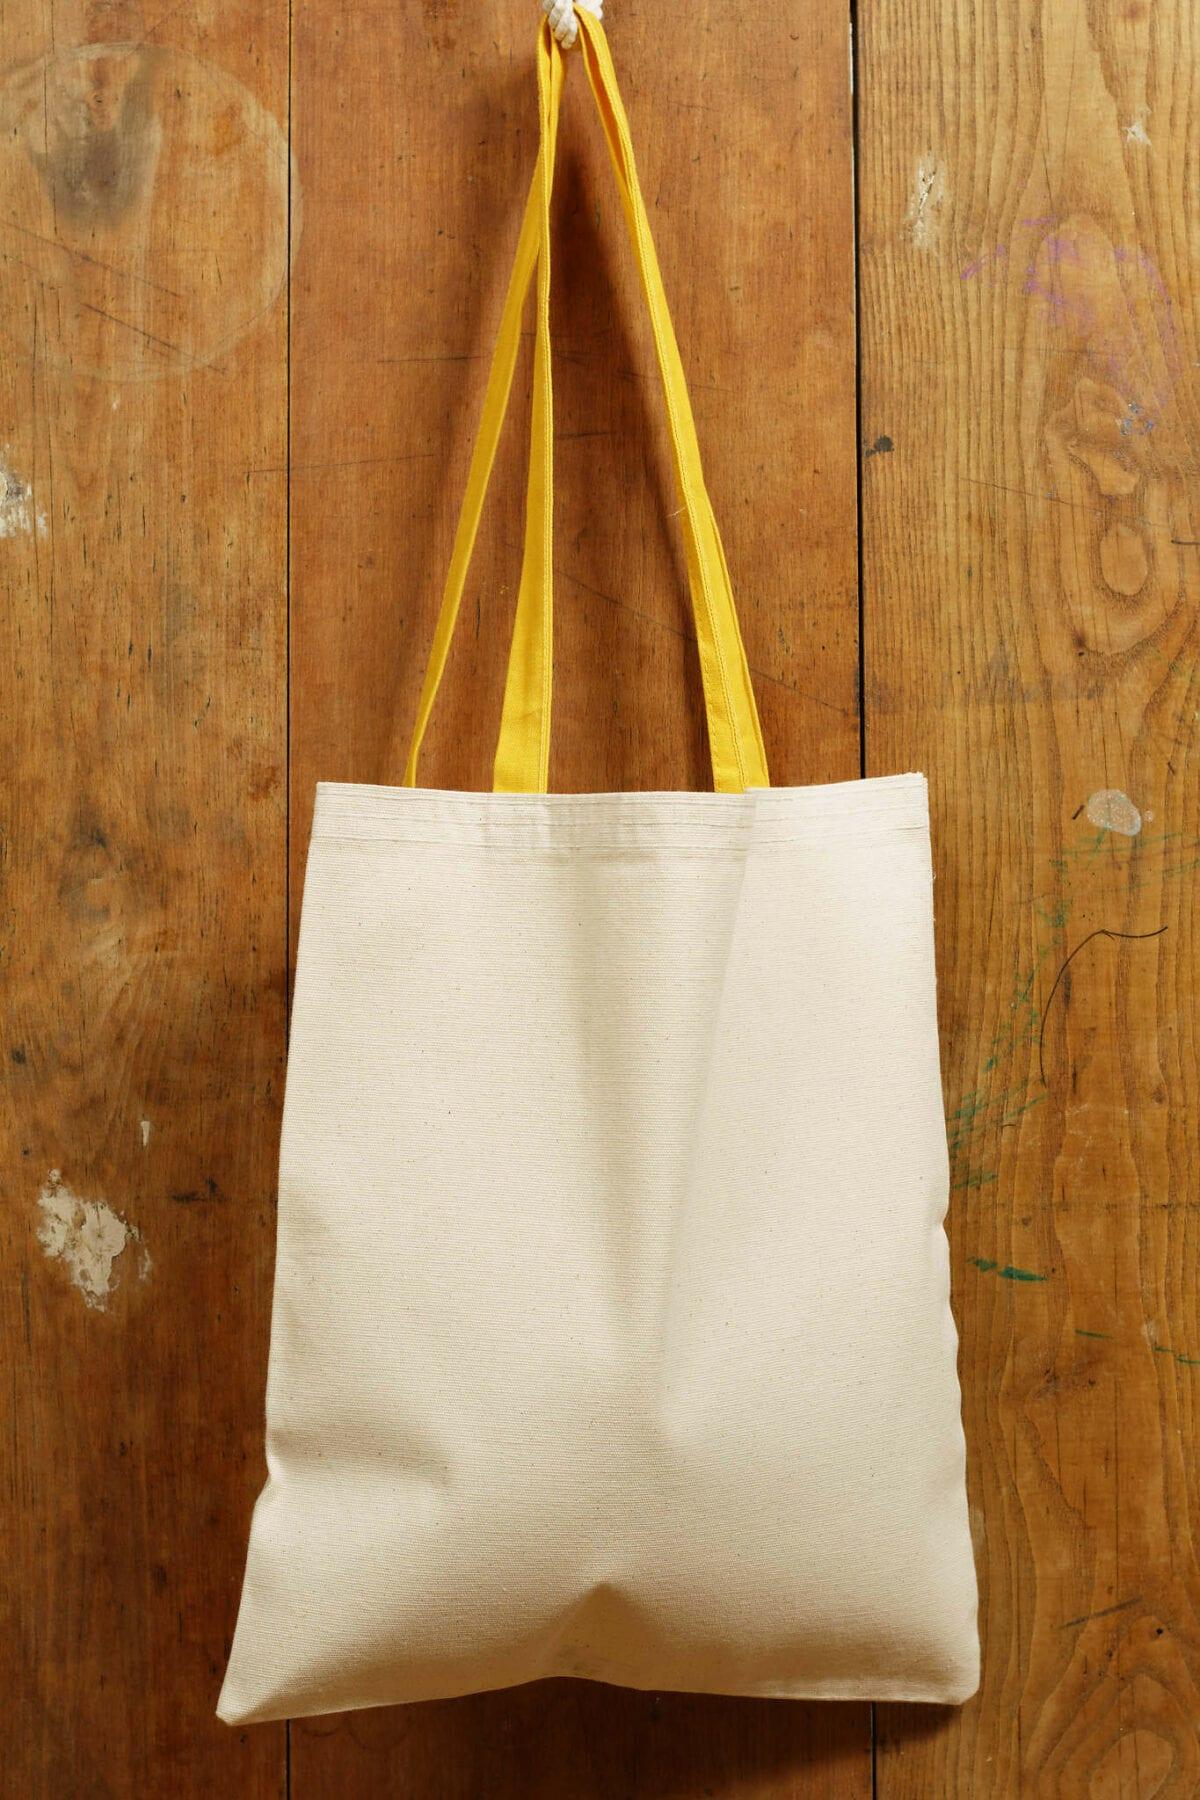 Bavlnená taška - žltý popruh